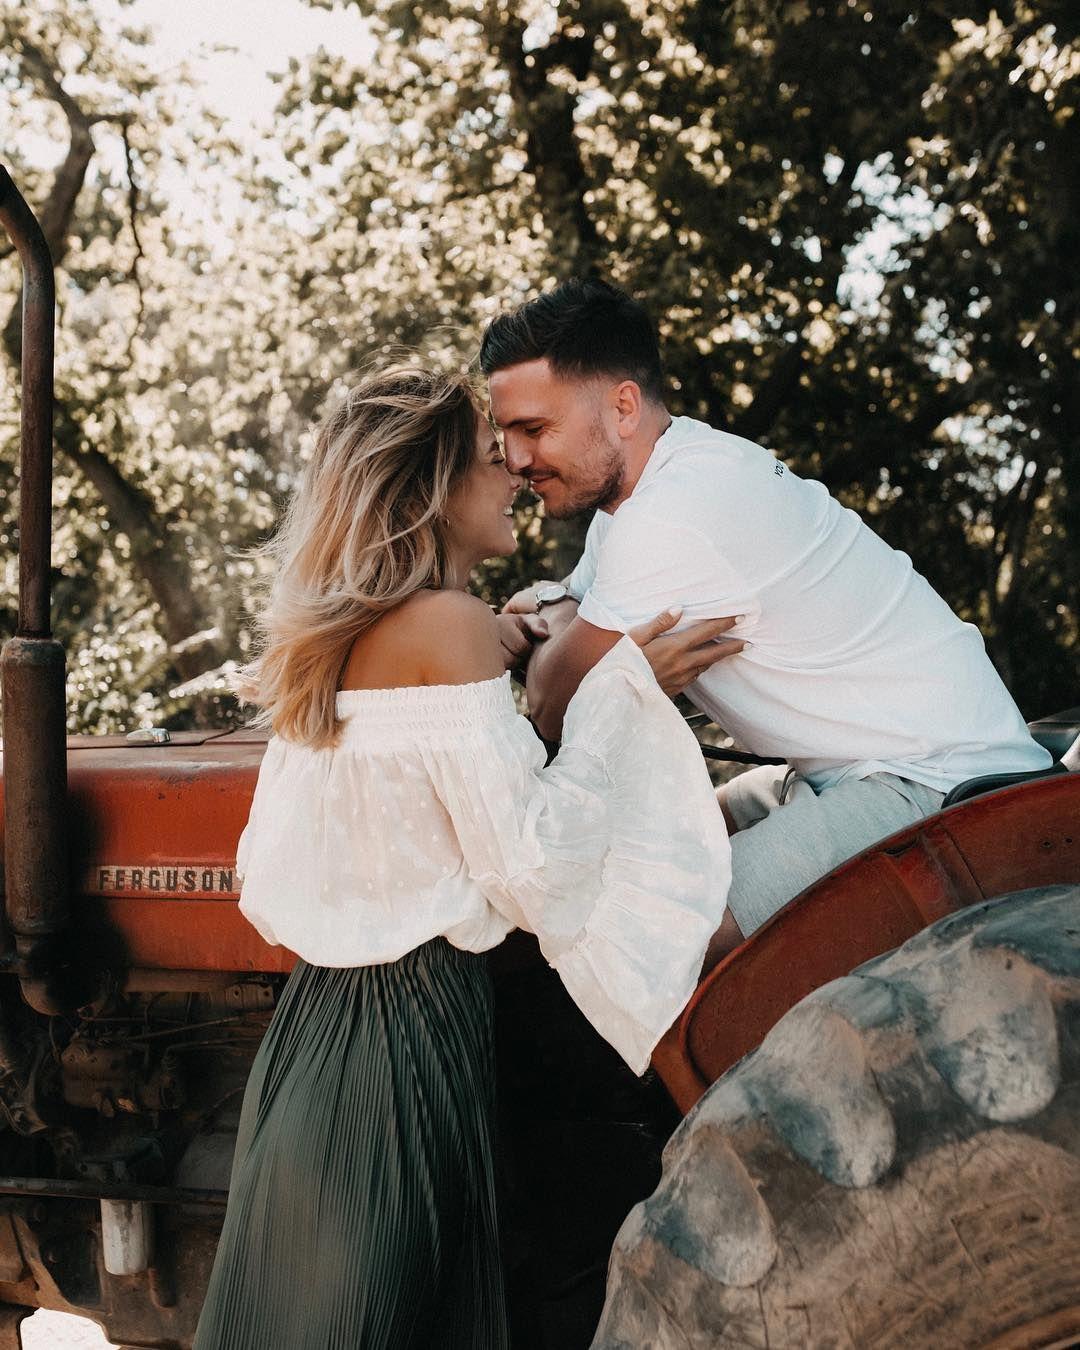 Fashion Lifestyle Travel On Instagram Bauer Sucht Frau Knopf Und Ich Haben Heute Endlich Unsere Eheringe Geplant Wir Haben Uns Den Ringtausch